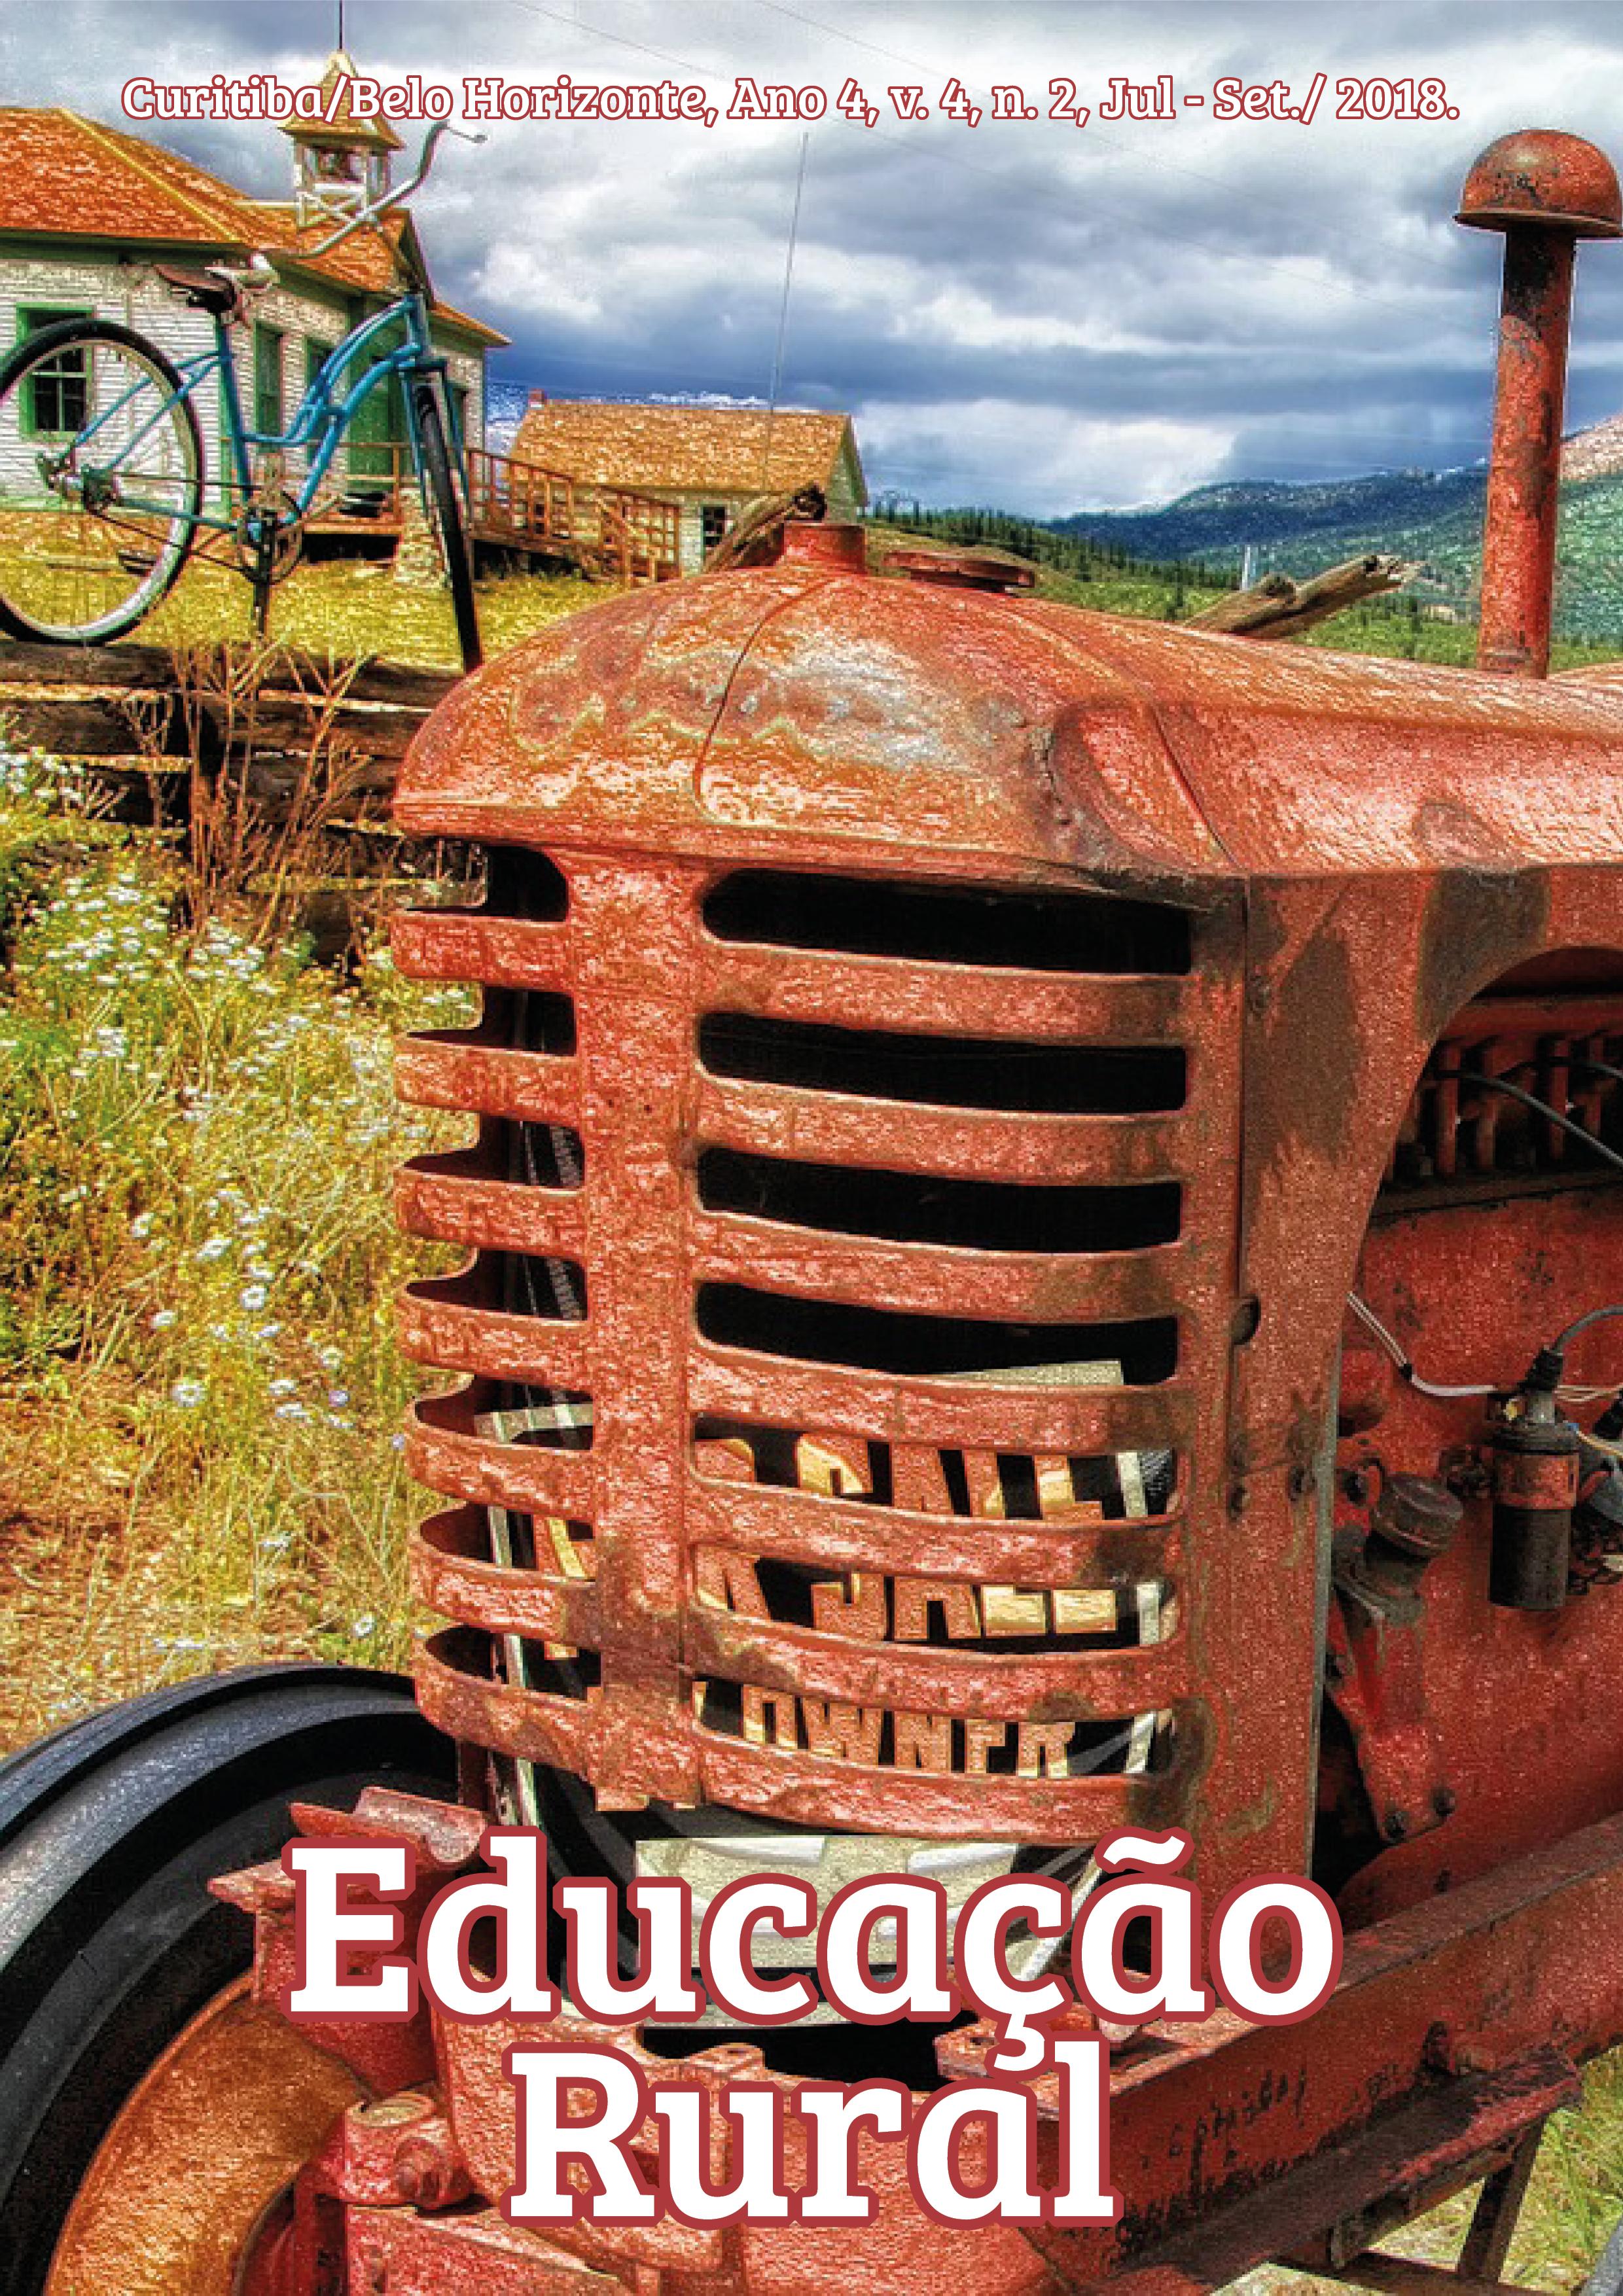 Educação Rural em Perspectiva Histórica – Ano 4, v.4, n.2 Jul – Set/2018